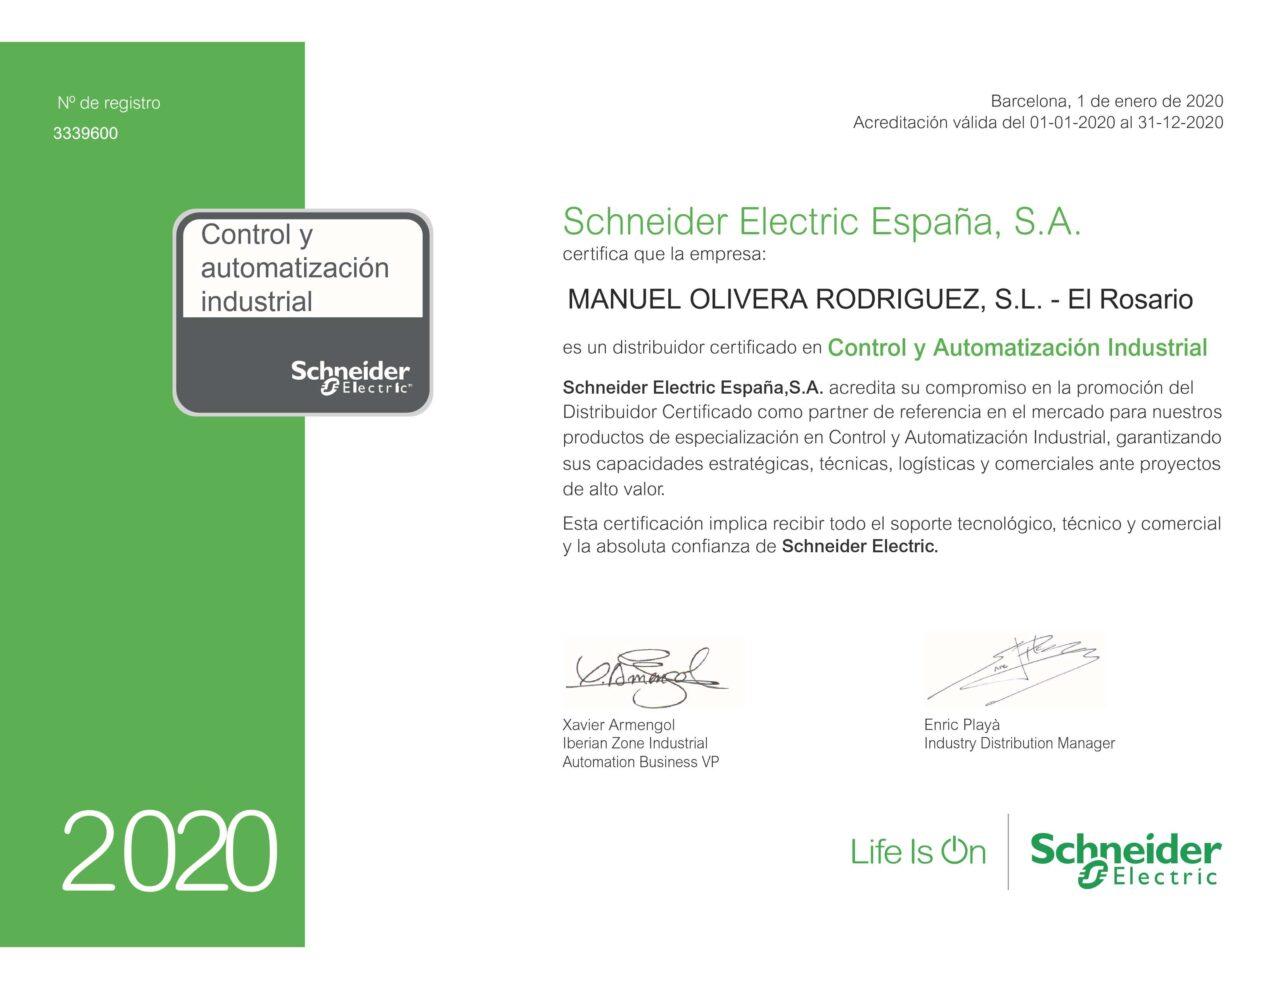 DIPLOMA-MANUEL-OLIVERA-RODRIGUEZ-El-Rosario-1280x989.jpg